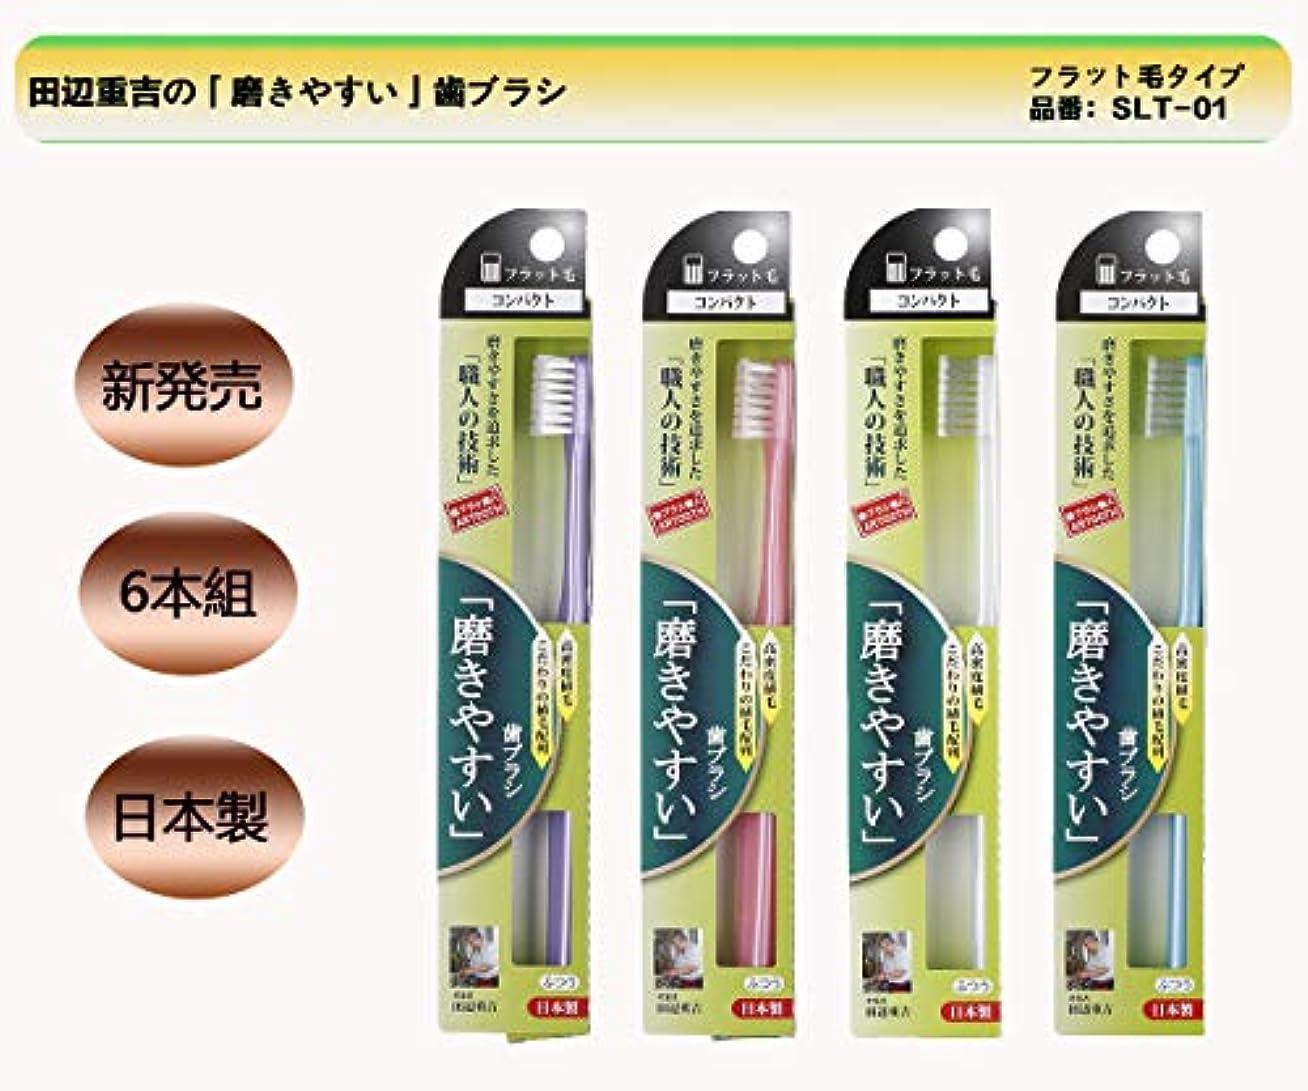 それに応じて聖人の前で歯ブラシ職人 Artooth® 田辺重吉 日本製 磨きやすい歯ブラシ 奥歯までフラット毛SLT-01 (6本入)